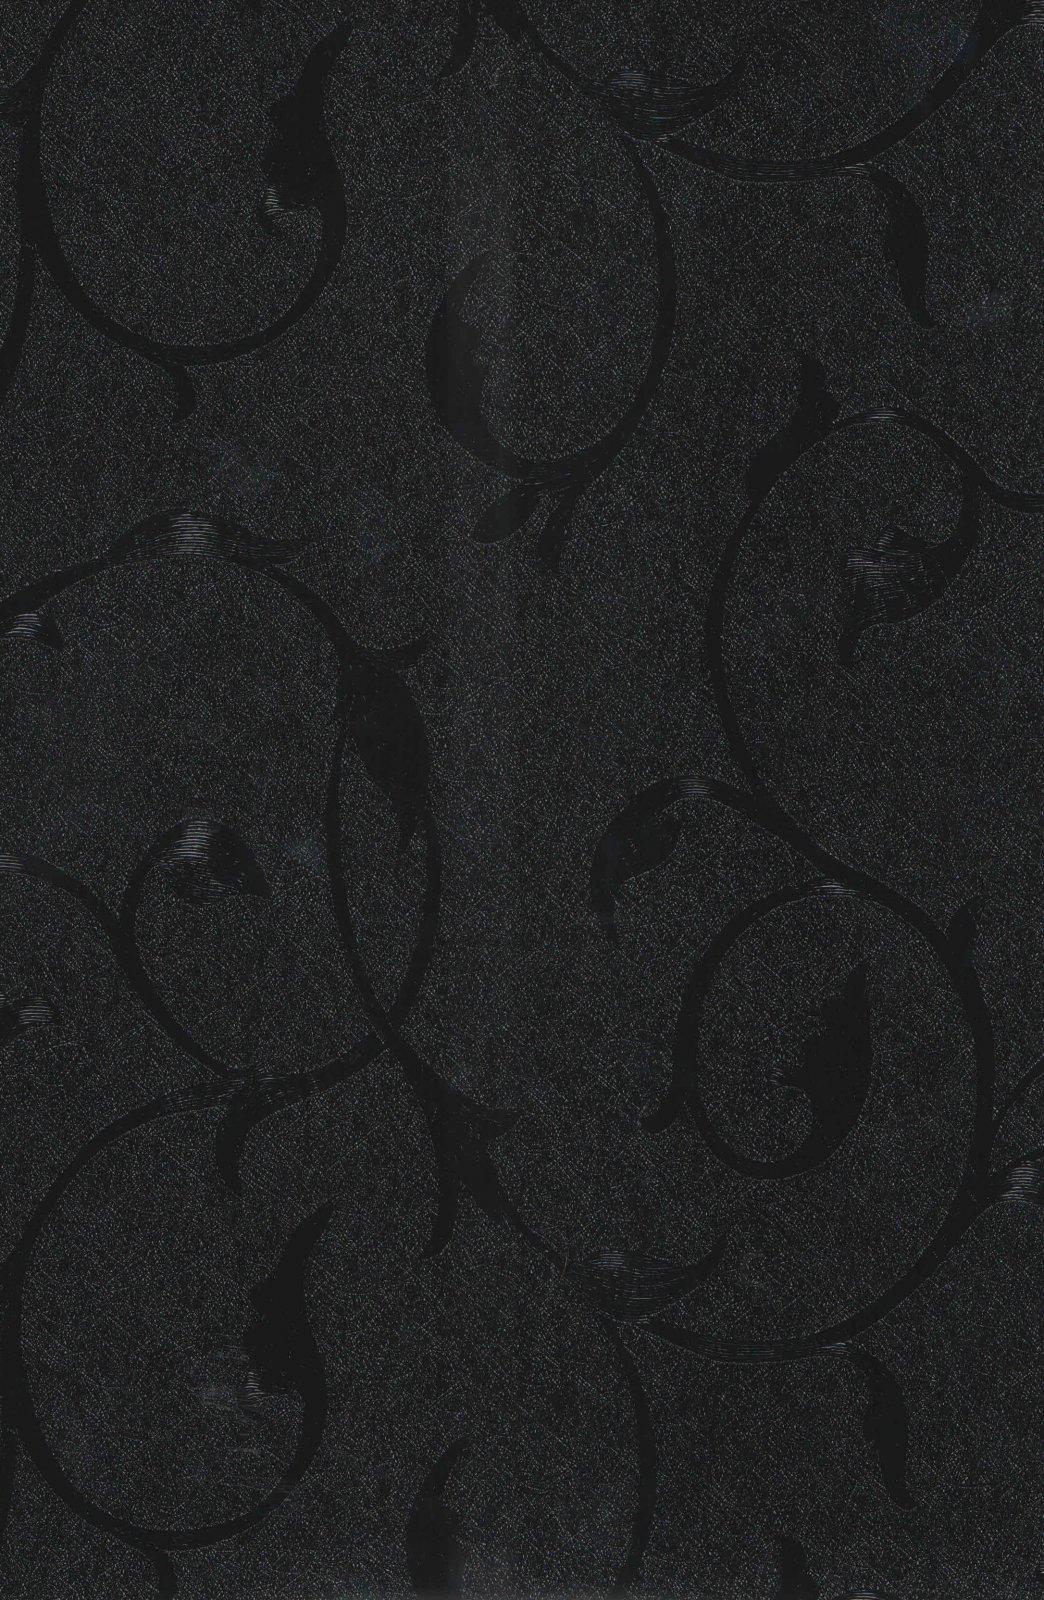 Пленка ПВХ Лилия черная ПЭТ